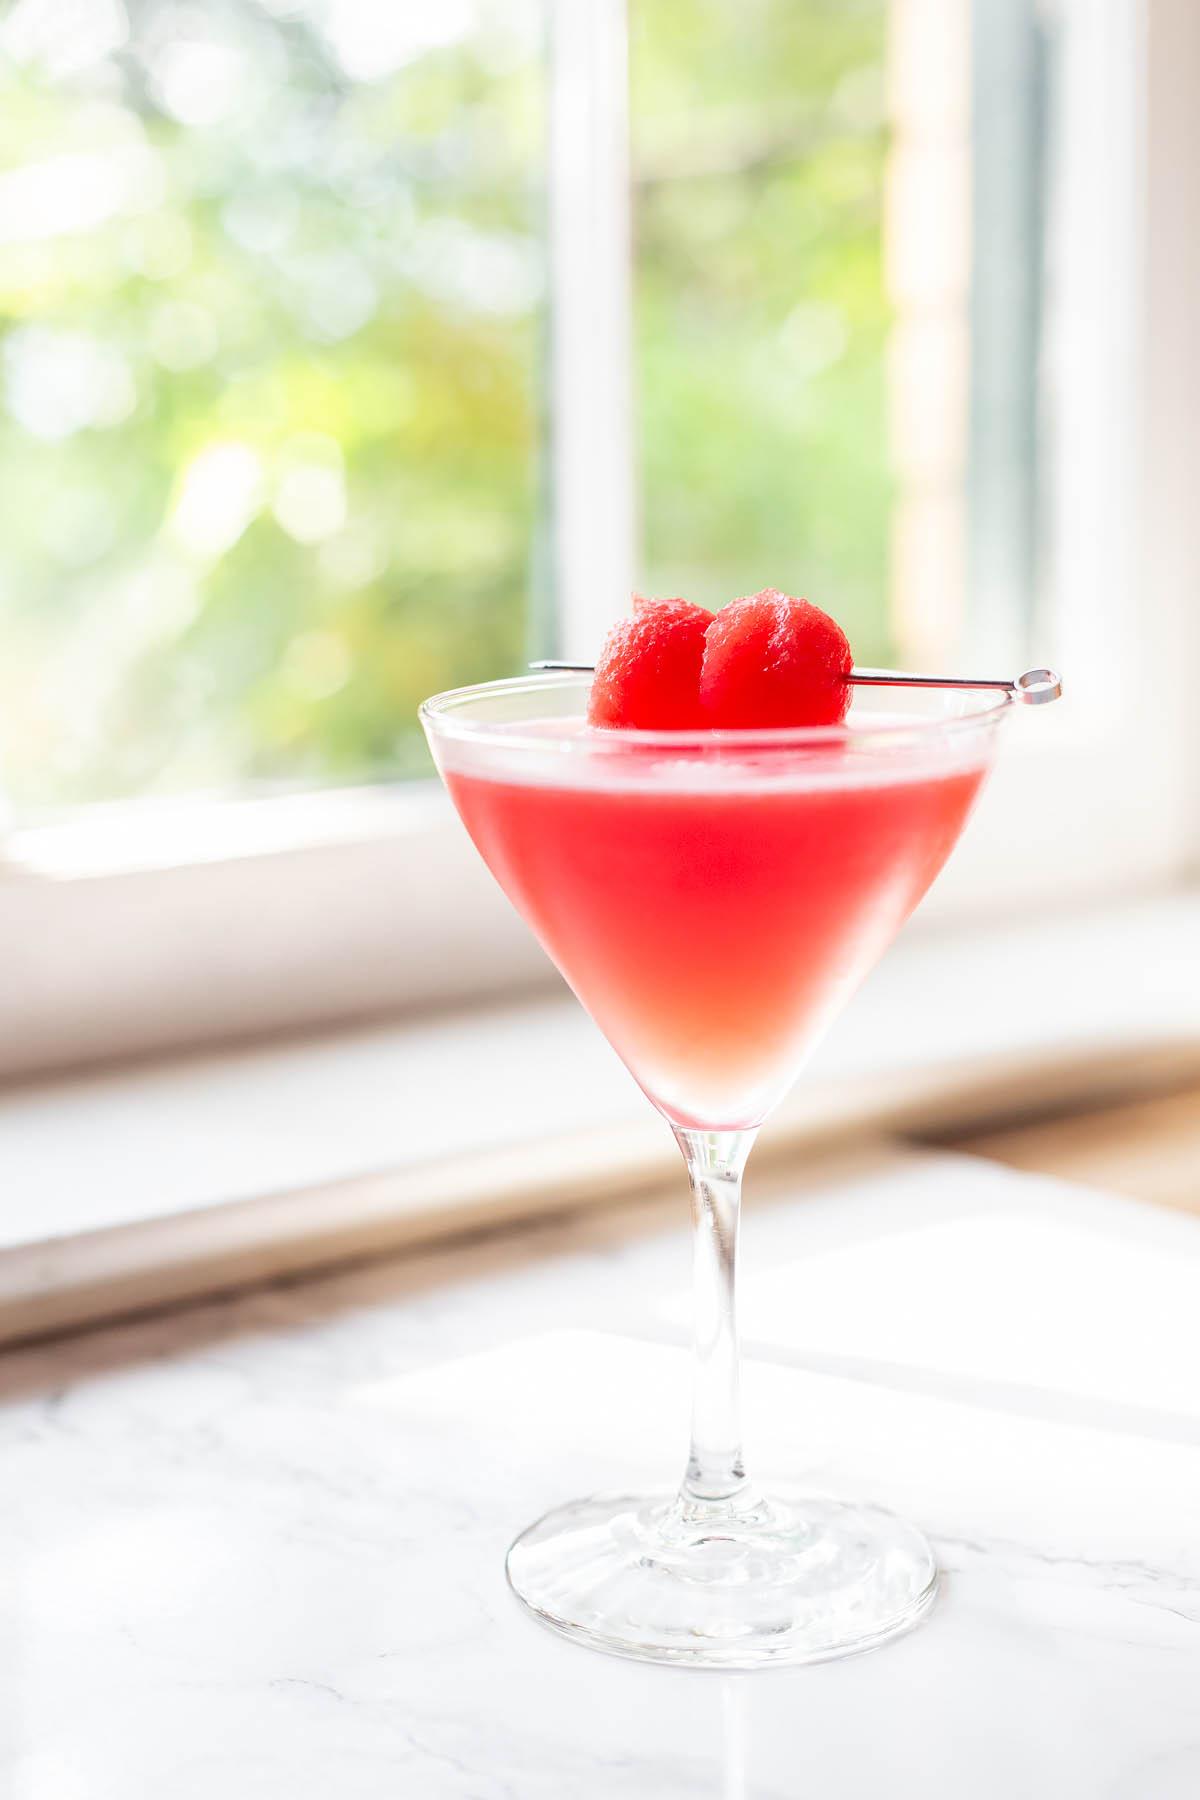 watermelon martini in a glass